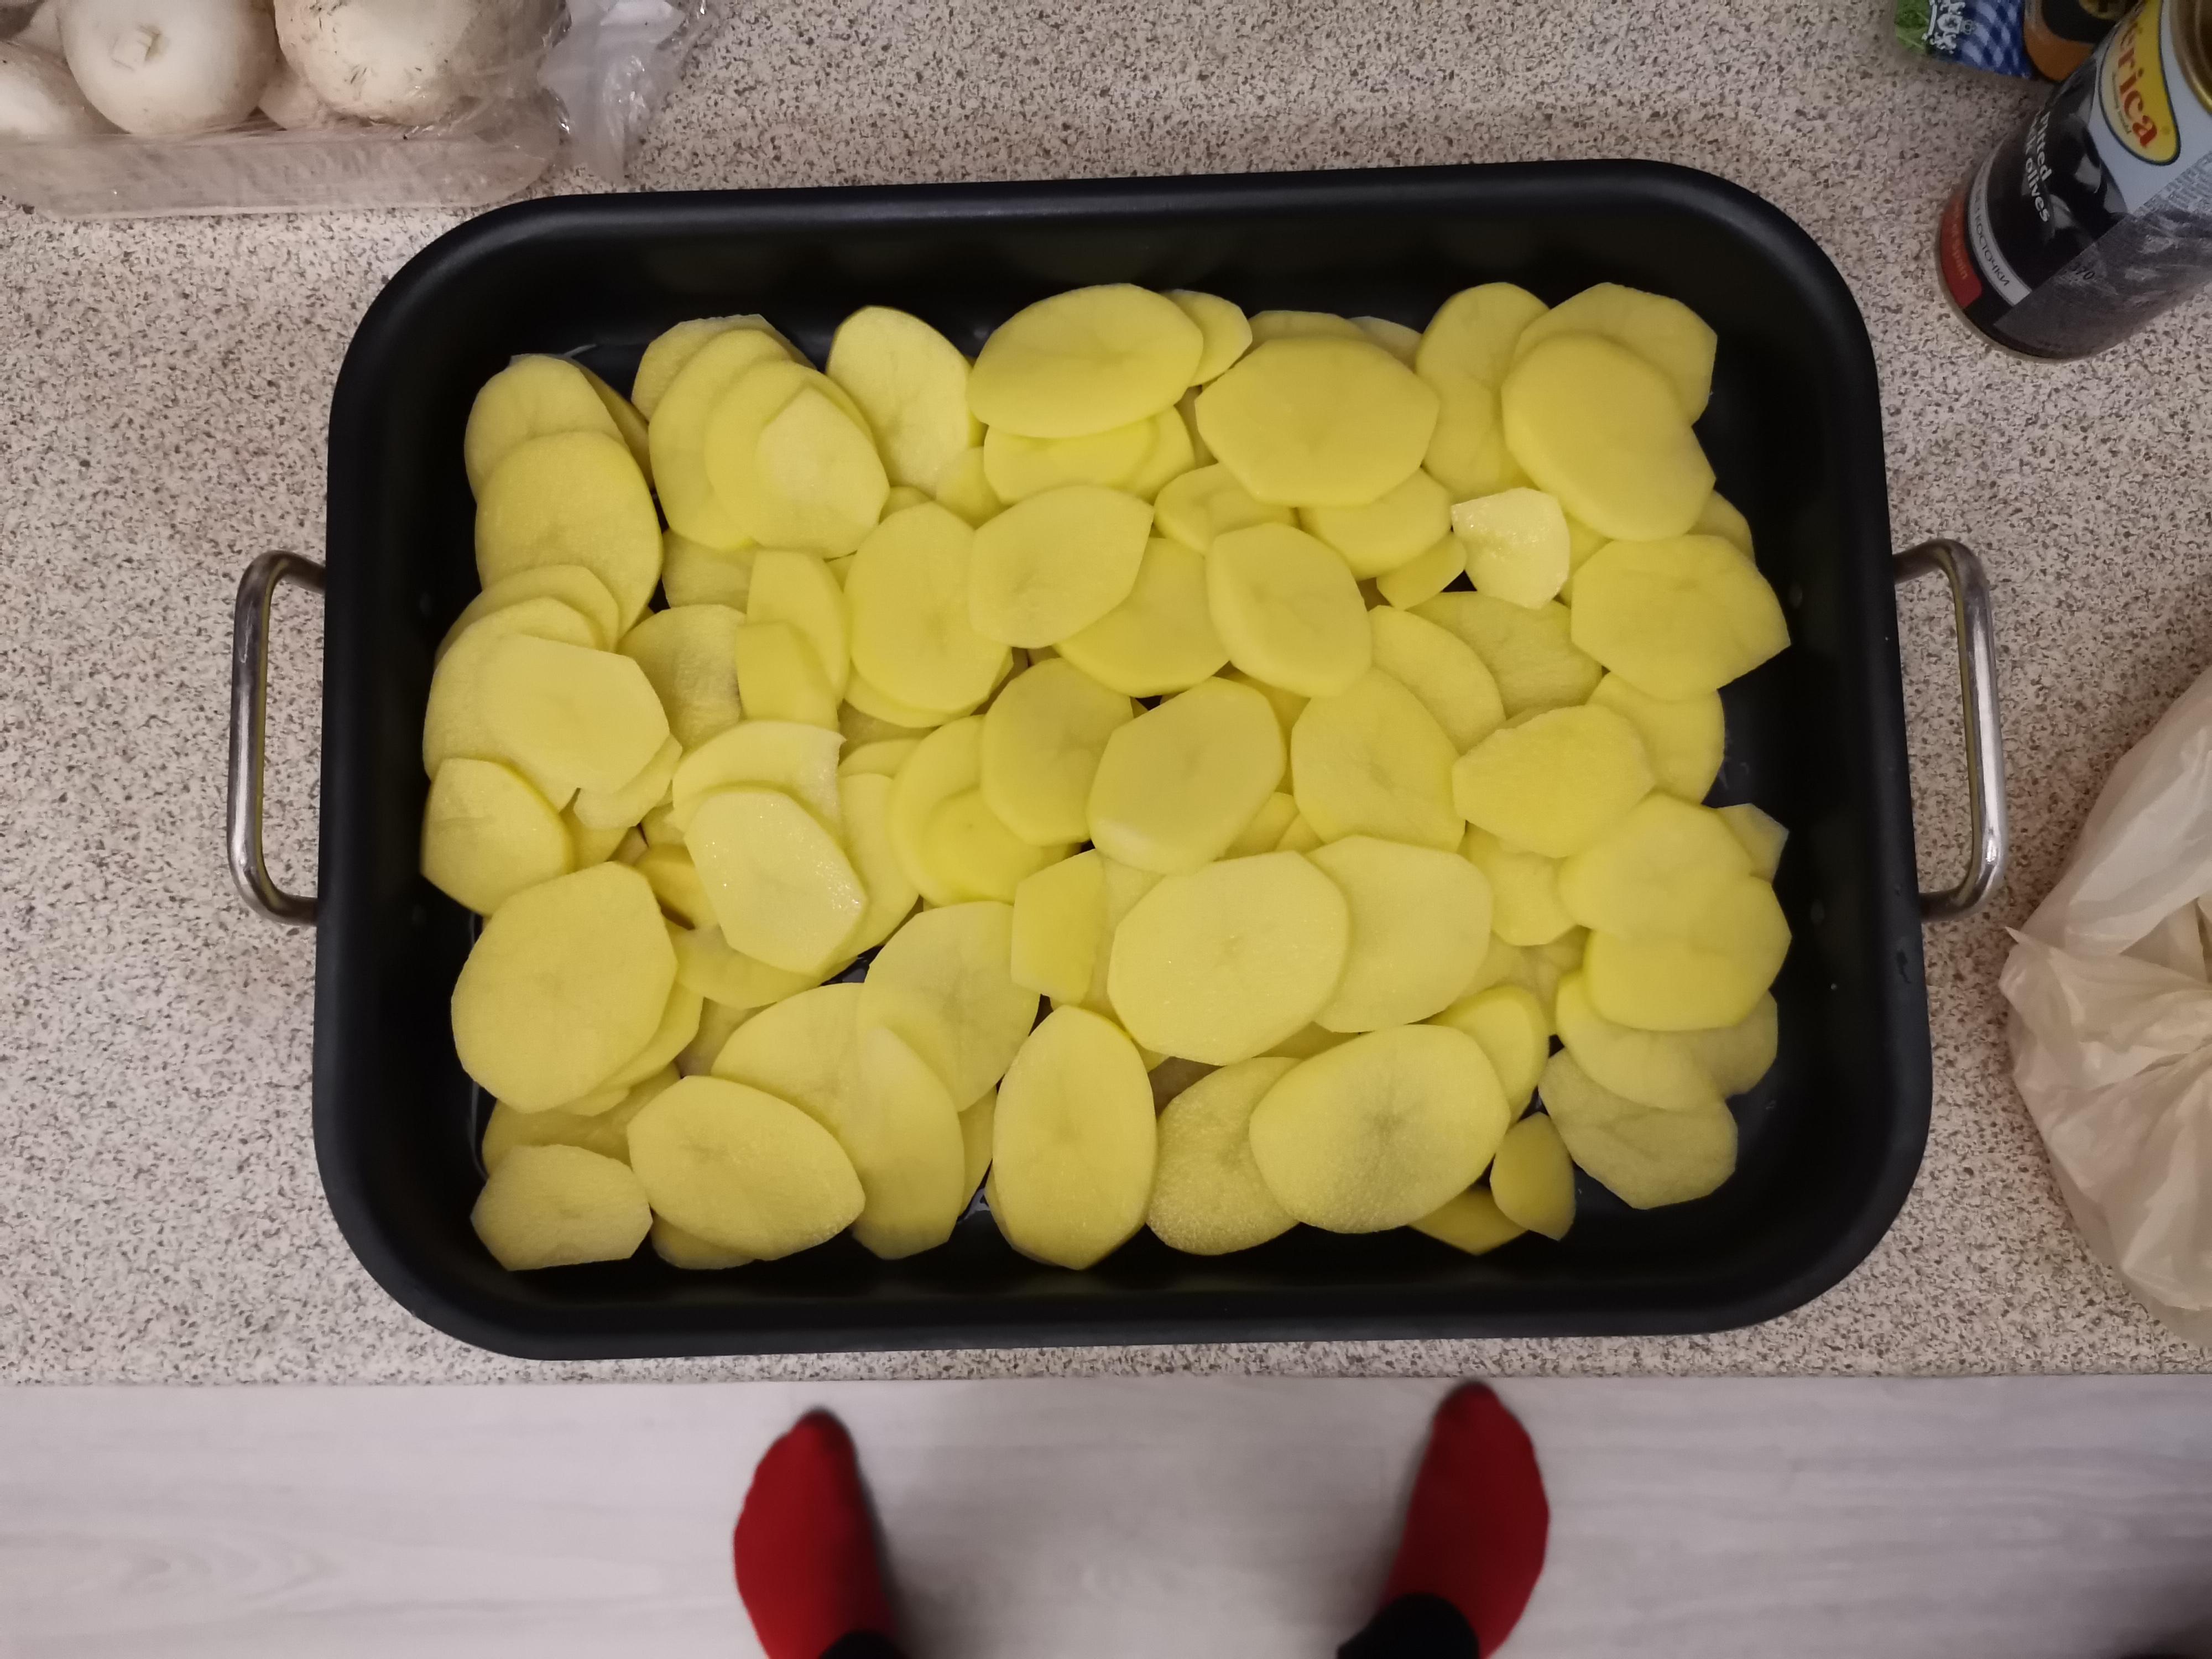 В человеке всё должно быть прекрасно прекрасно,даже картофель по-московски с луком и грибами.Худеть нужно правильно, по-Новиковски.